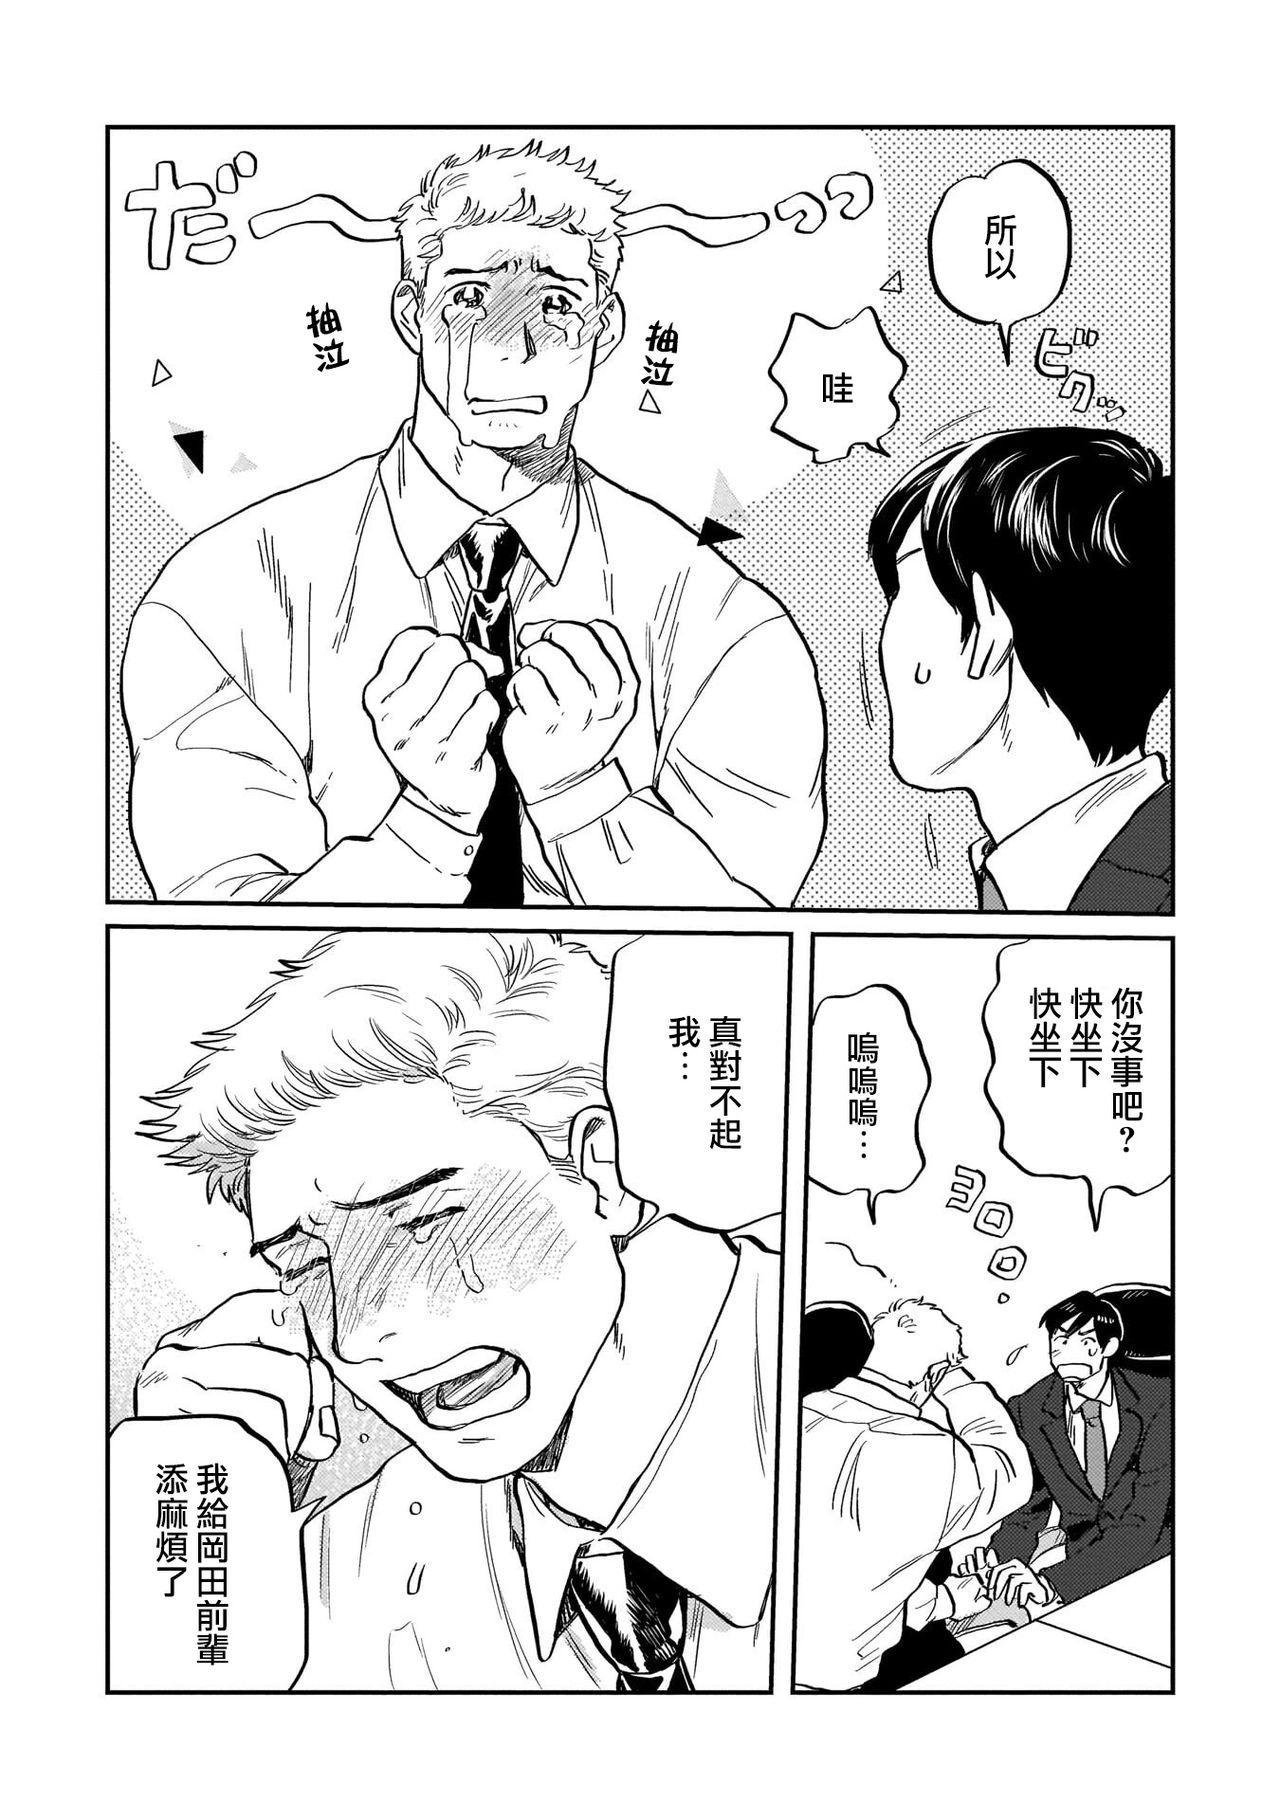 Kouhai no Oppai ga Suki Sugiru | 我太喜欢后辈的奶子了 Ch. 1-2 38